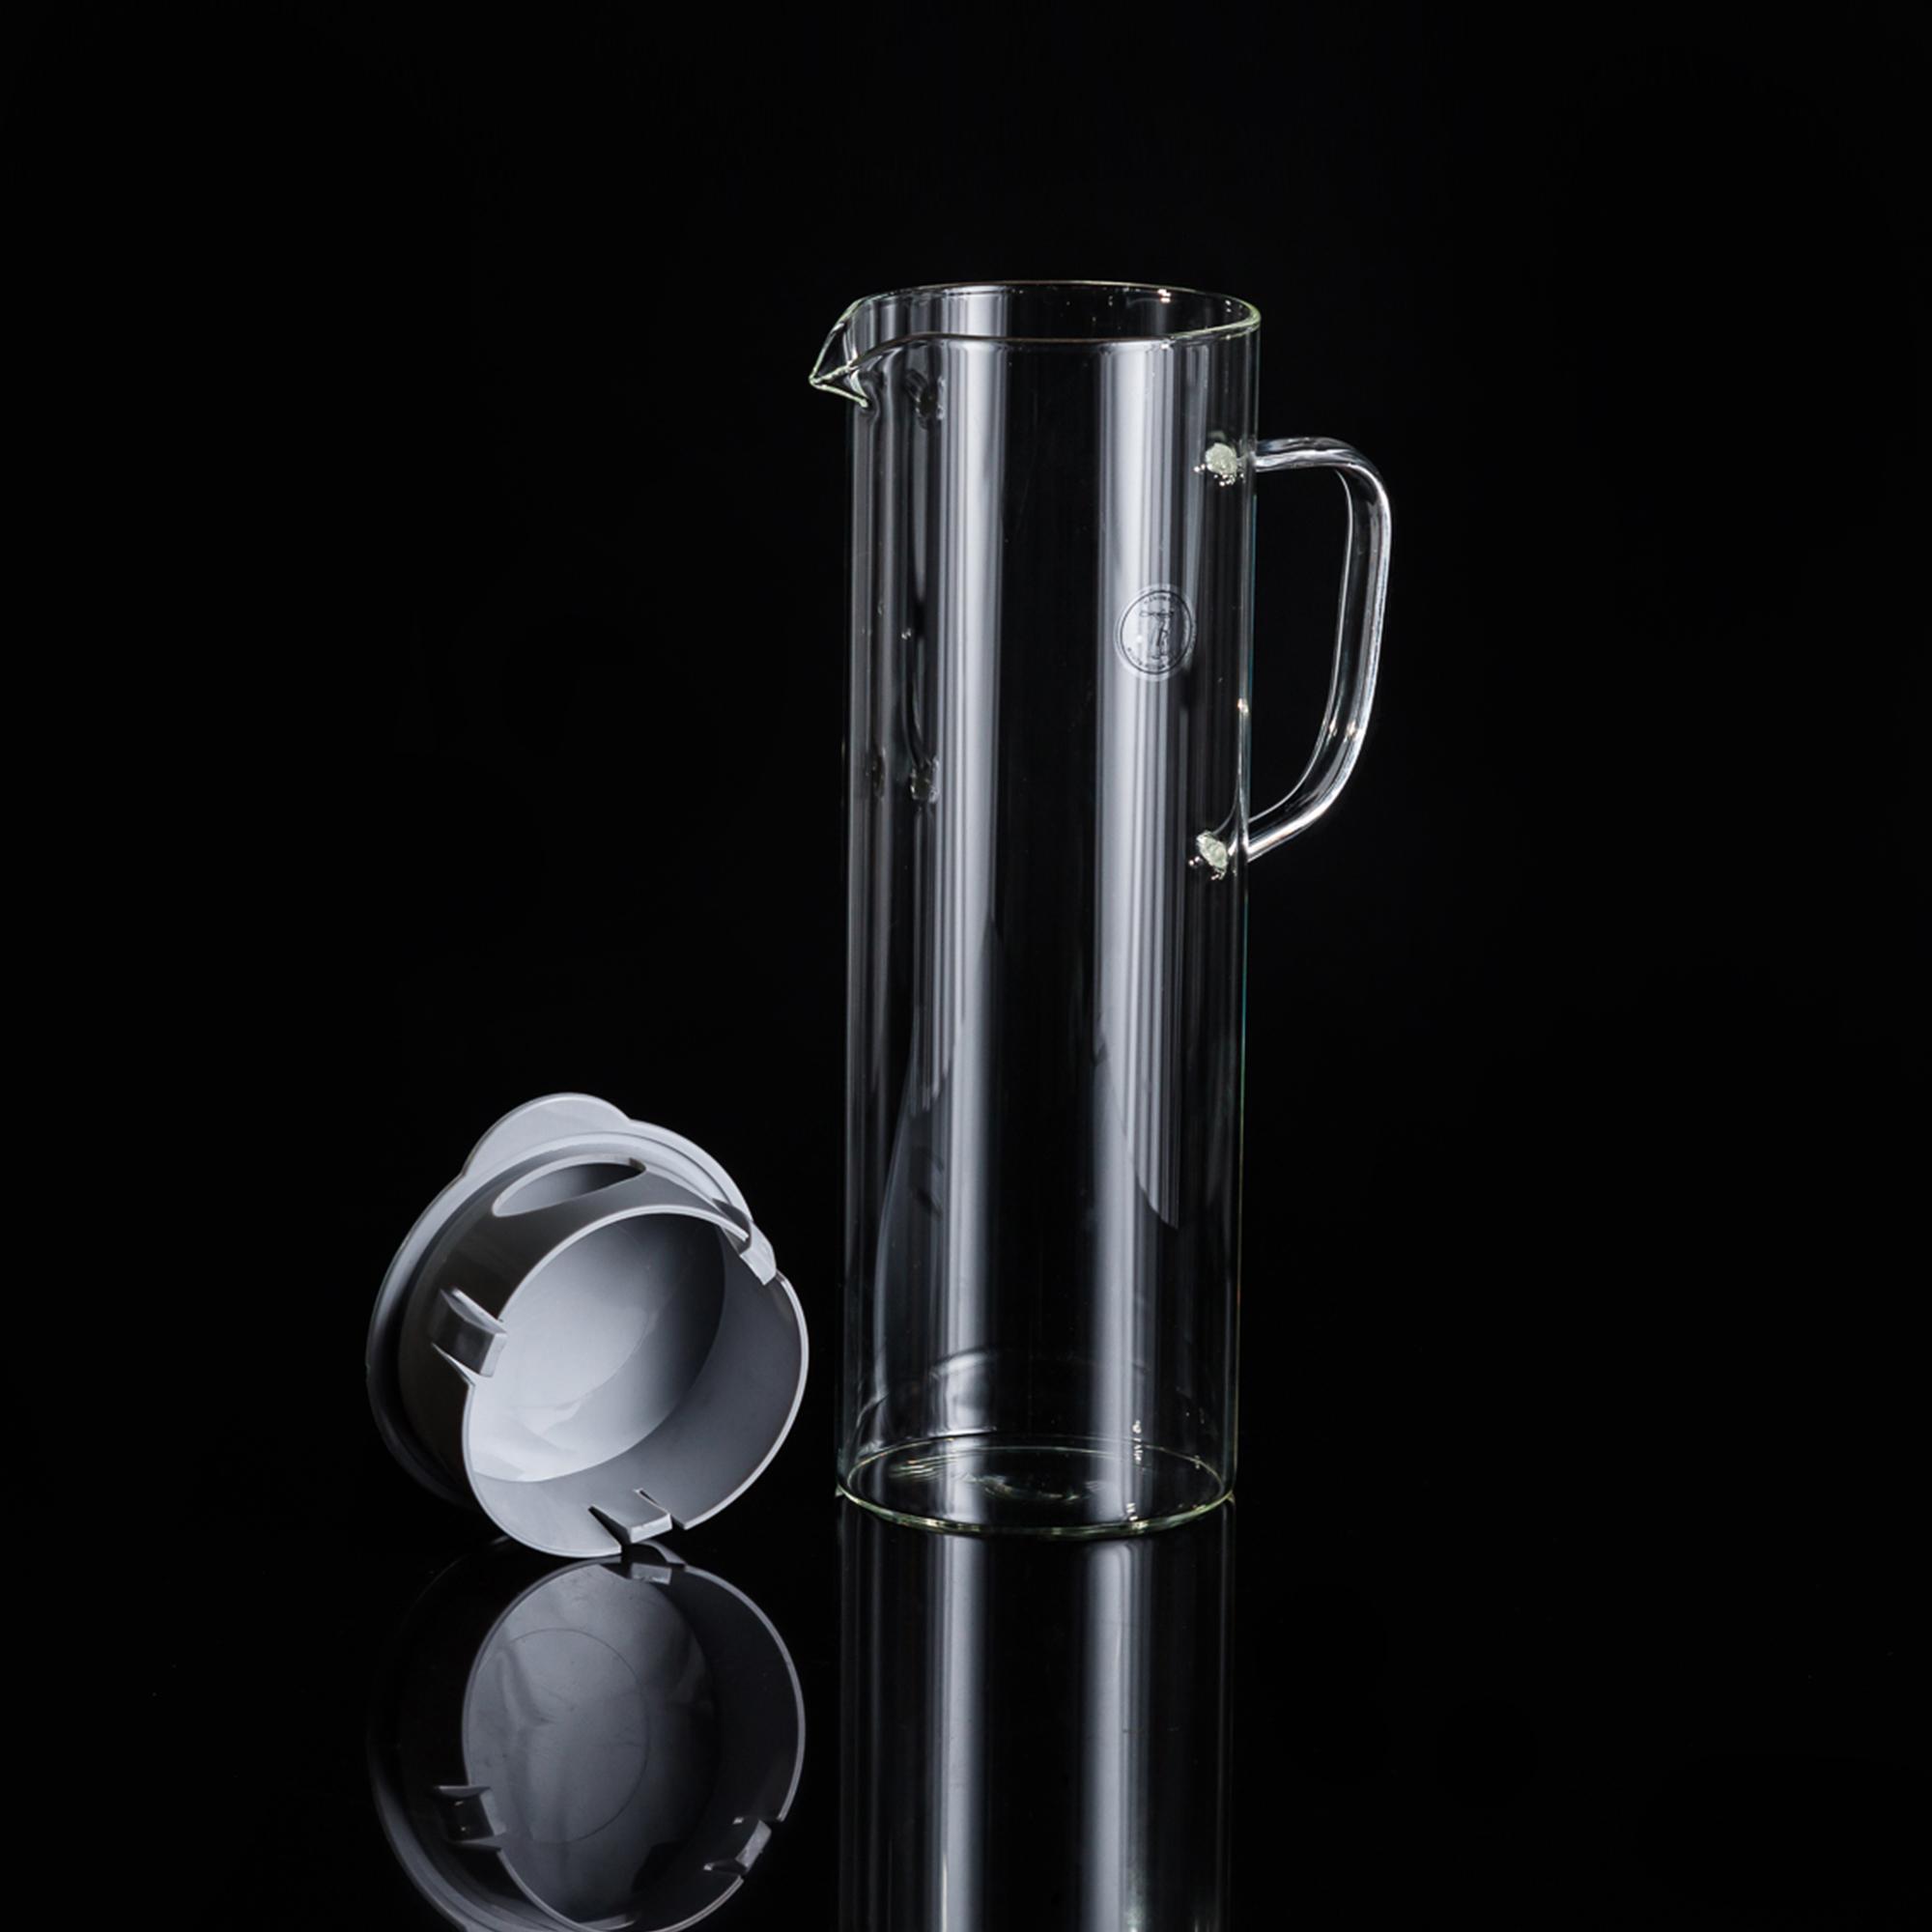 PRIM,CUSHY,FNOUTLET,Prim,Cushy,Fnoutlet,fnoutlet,Carafe,Cool,Cold,Ice,Hot,Glass,Glasses,เหยือกน้ำดื่ม,เหยือกน้ำ,เหยือก,กระบอกน้ำ,แก้วน้ำดื่ม,แก้วน้ำ,เหยือกกินน้ำ,หูจับ,แก้ว2ชั้น,แก้วร้อนเย็น,แก้วร้อน,แก้วเย็น,เท่ห์,โอปป้า,โอป๊ะ,อุ๊ต๊ะ,เรียบหรู,สวยใส,เกาหลี,ญี่ปุ่น,ชิค,ชิลๆ,เก๋,กิ๊บเก๋,น่ารัก,แก้วบอโรซิลิเกต